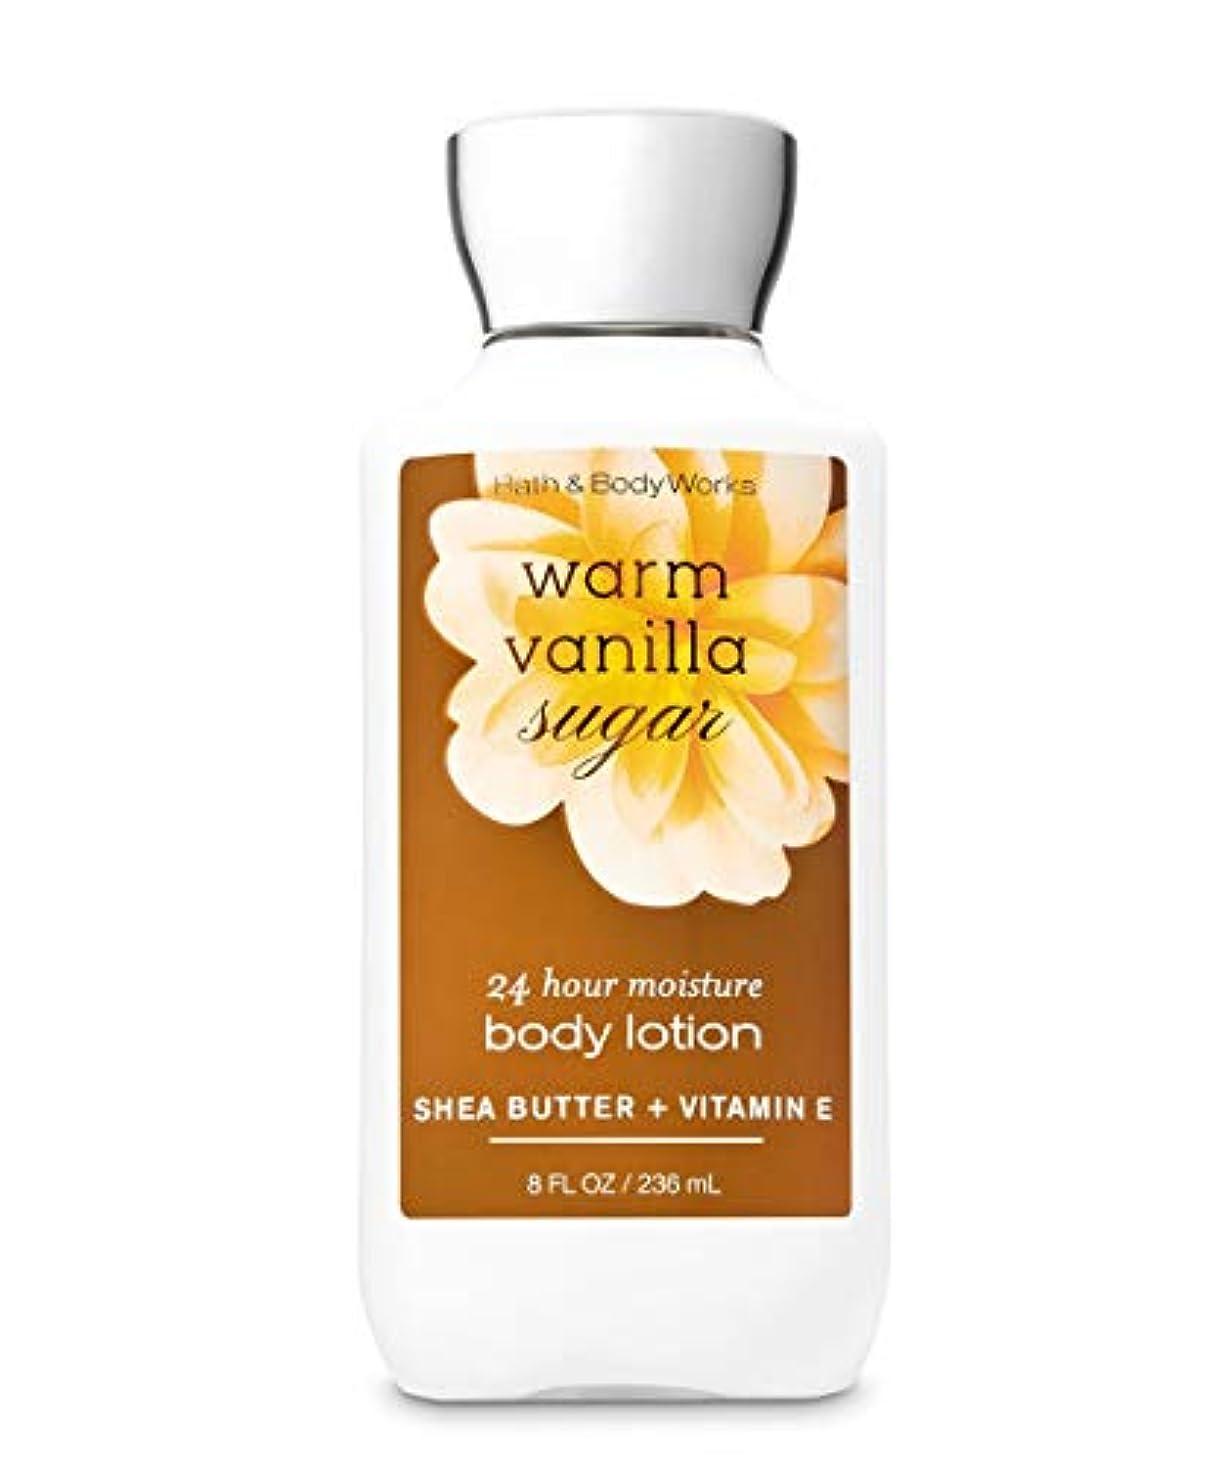 定義するどうしたの農民バス&ボディワークス ウォームバニラシュガー ボディローション 236ml(8oz) Body Lotion Warm Vanilla Sugar【並行輸入品】